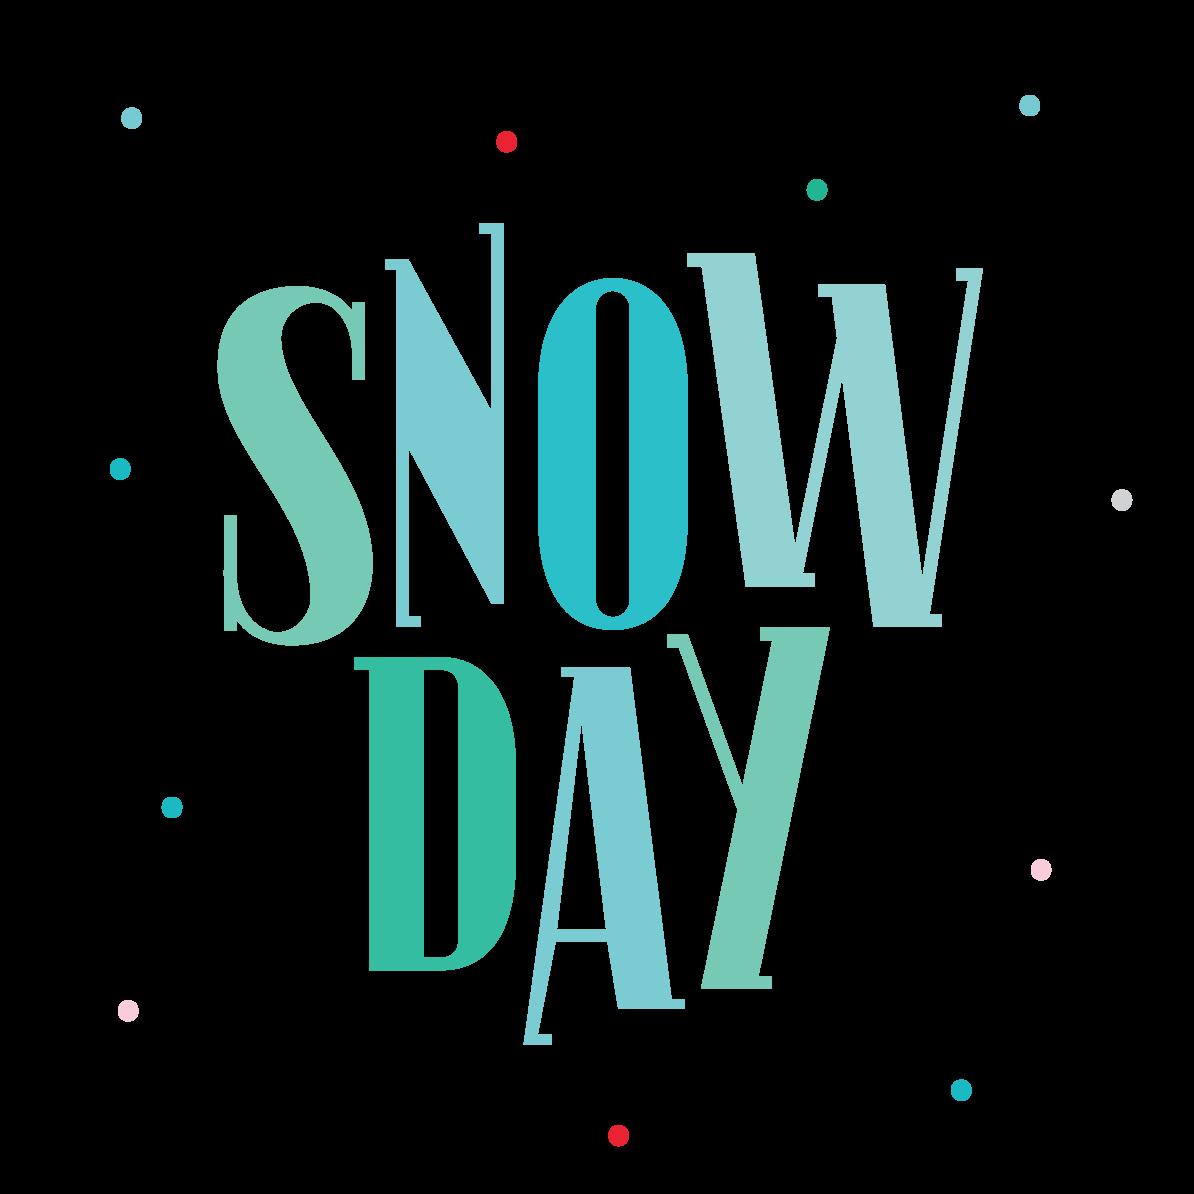 SNOWDAYlogo_stacked